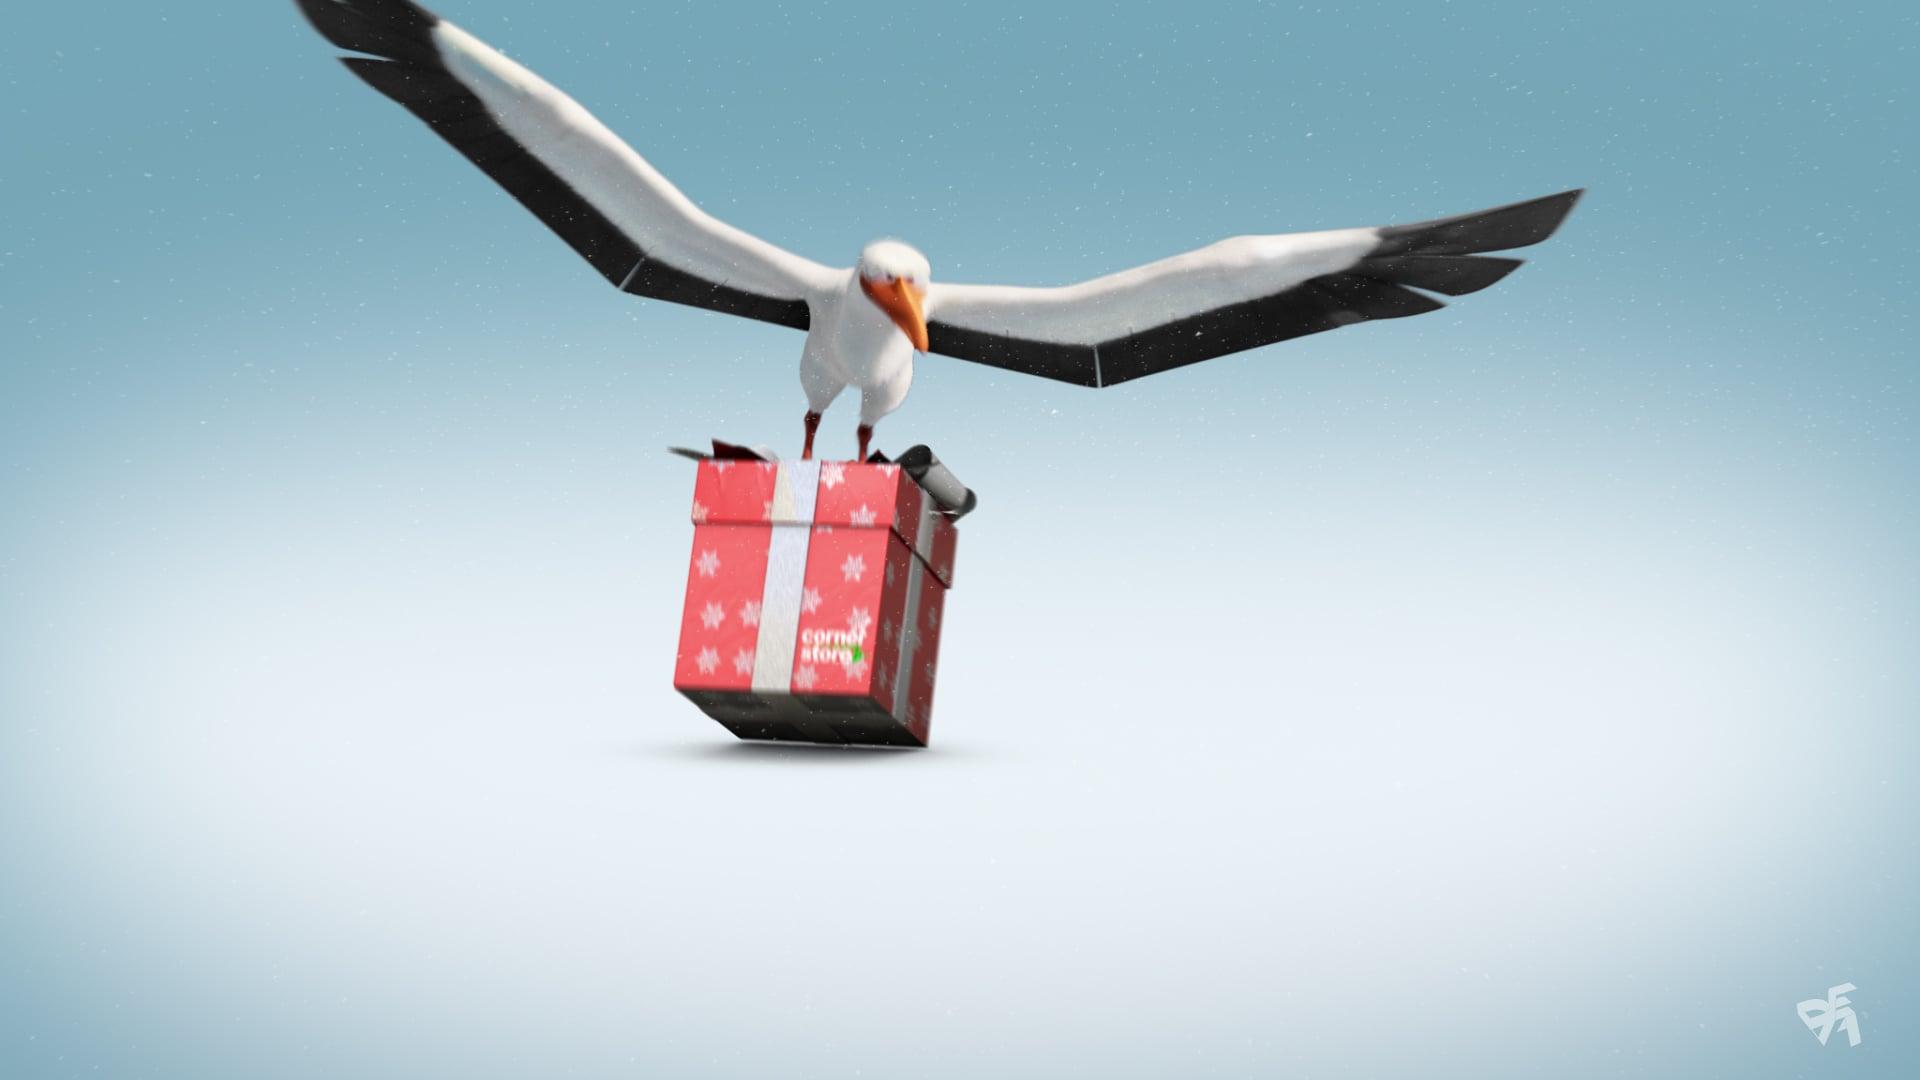 Storks-PROMOSTILL_02.jpg